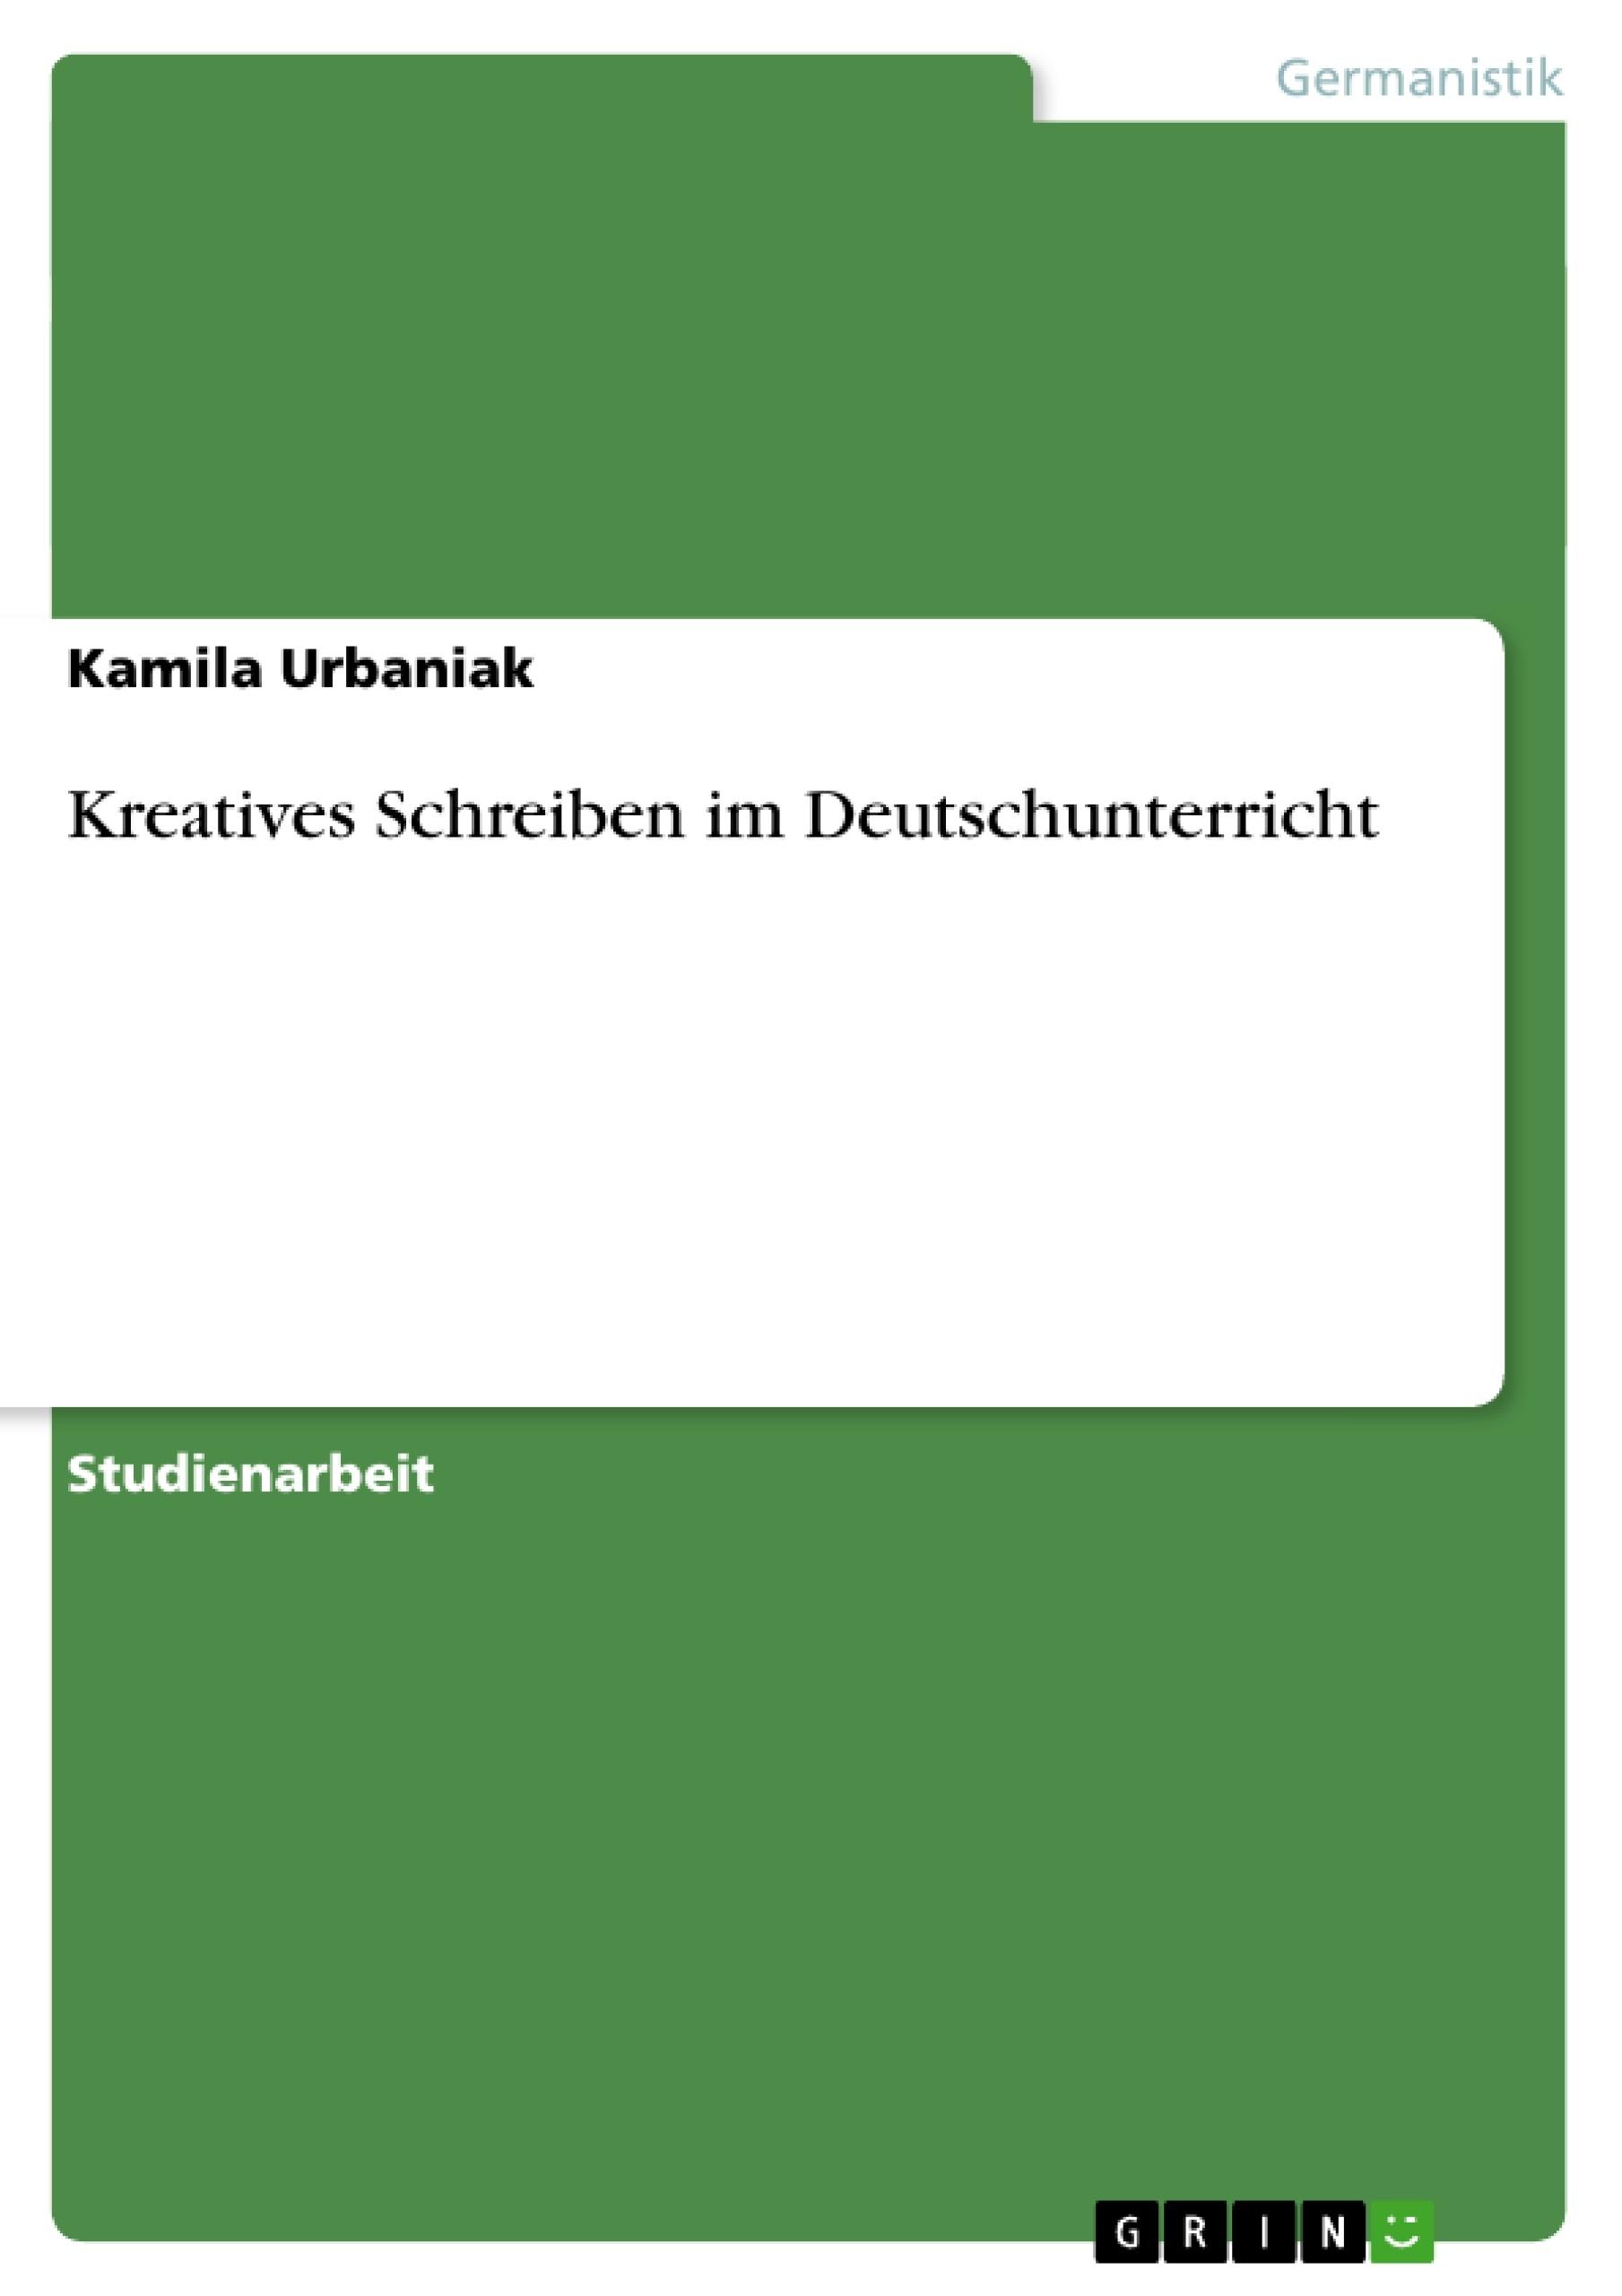 Kreatives Schreiben im Deutschunterricht | Masterarbeit, Hausarbeit ...